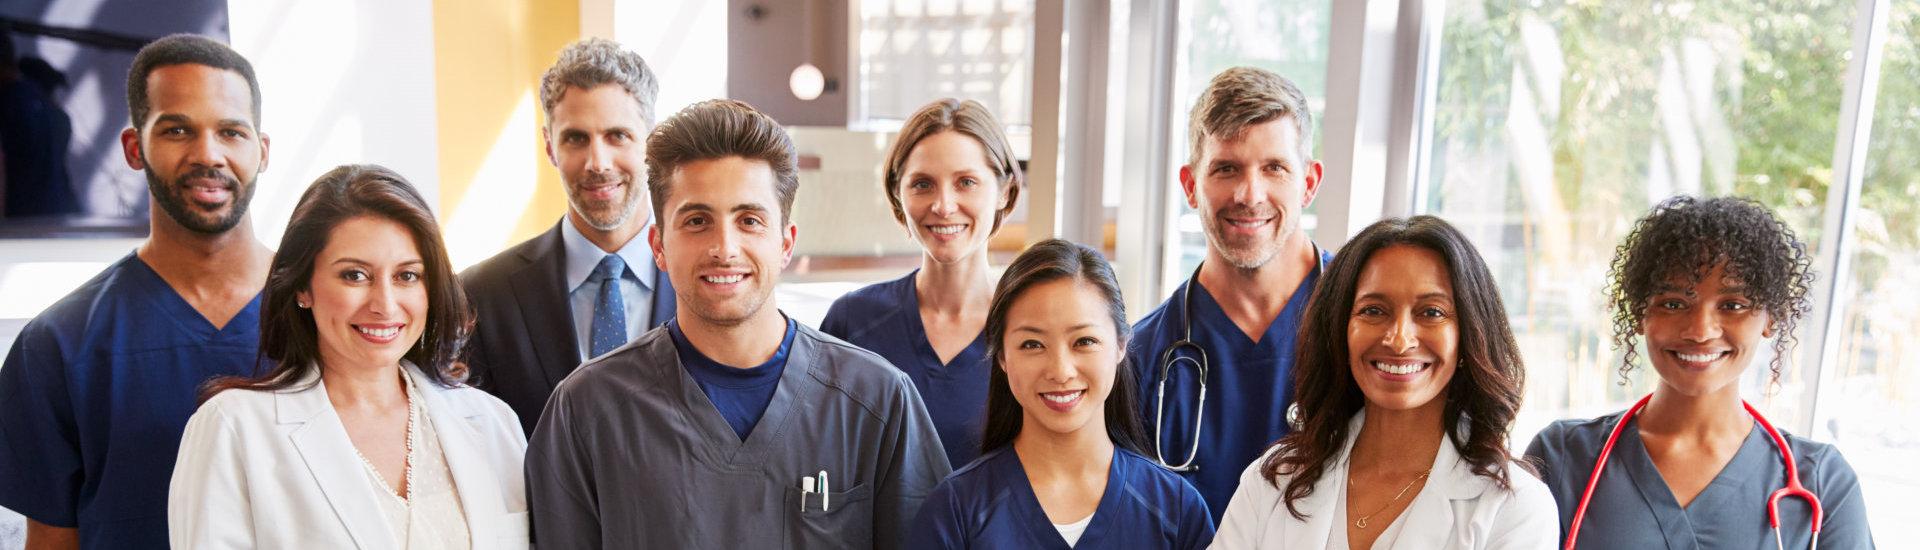 medical staffs smiling